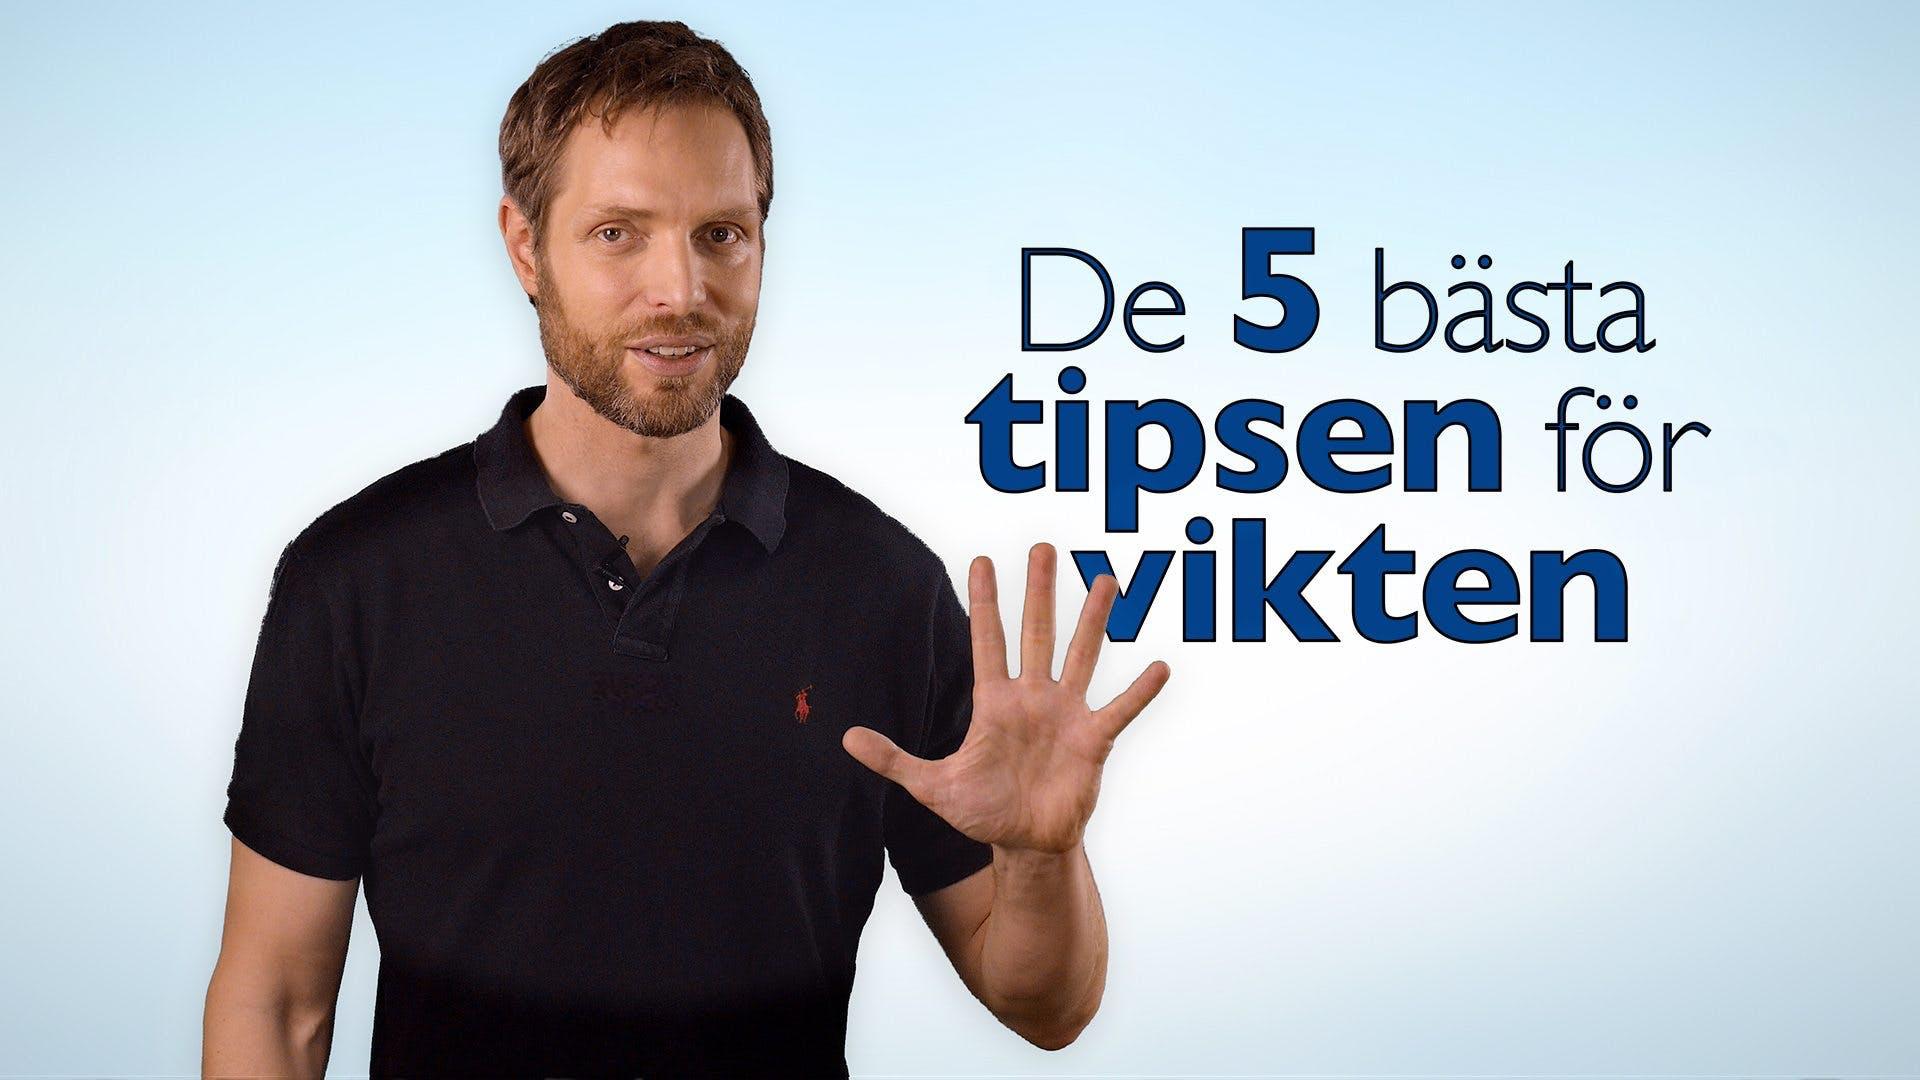 De 5 bästa tipsen